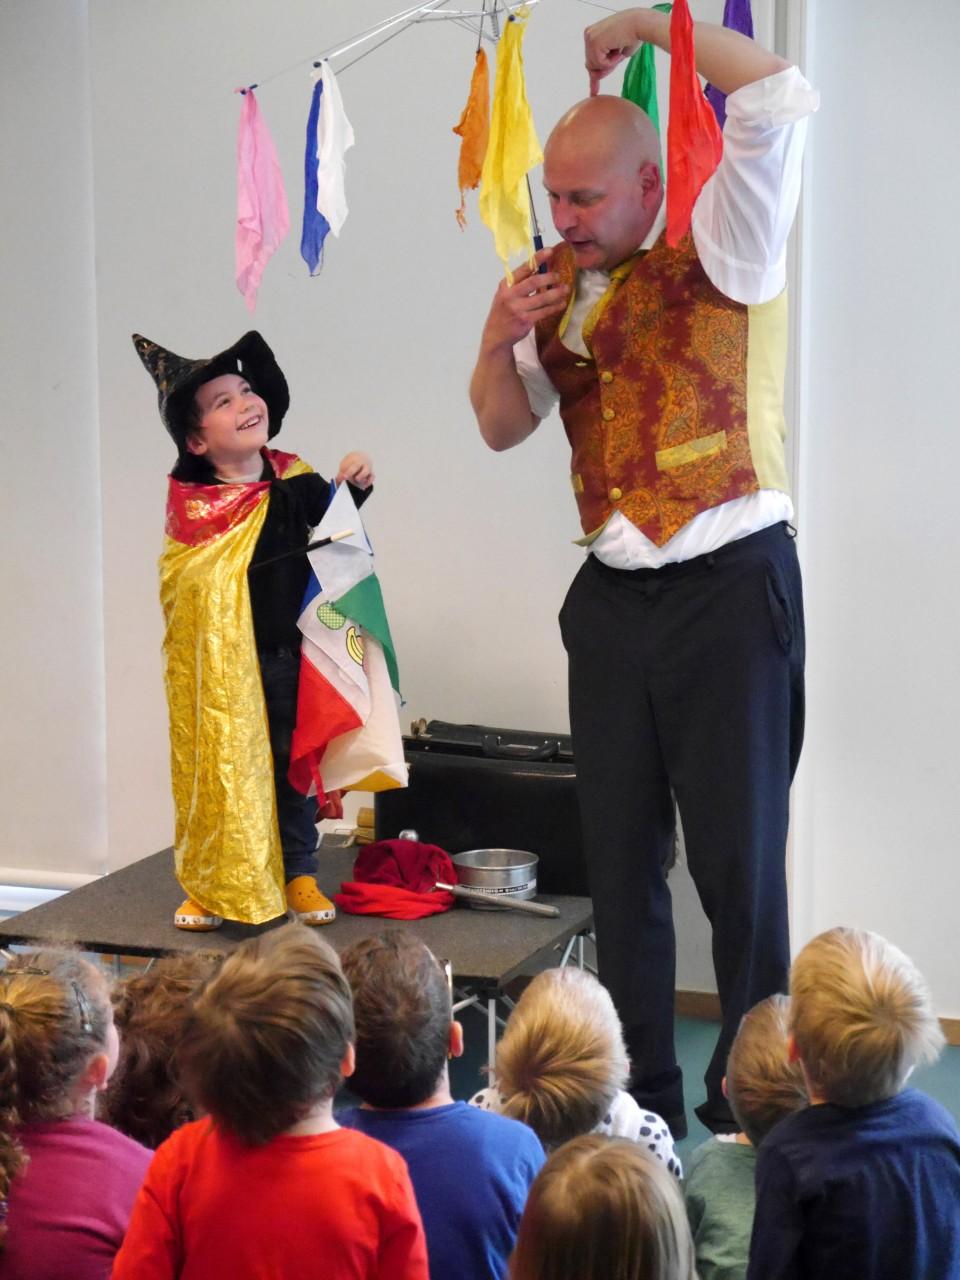 CWS Zaubershow in der Kita Kaleidoskop Neu-Isenburg